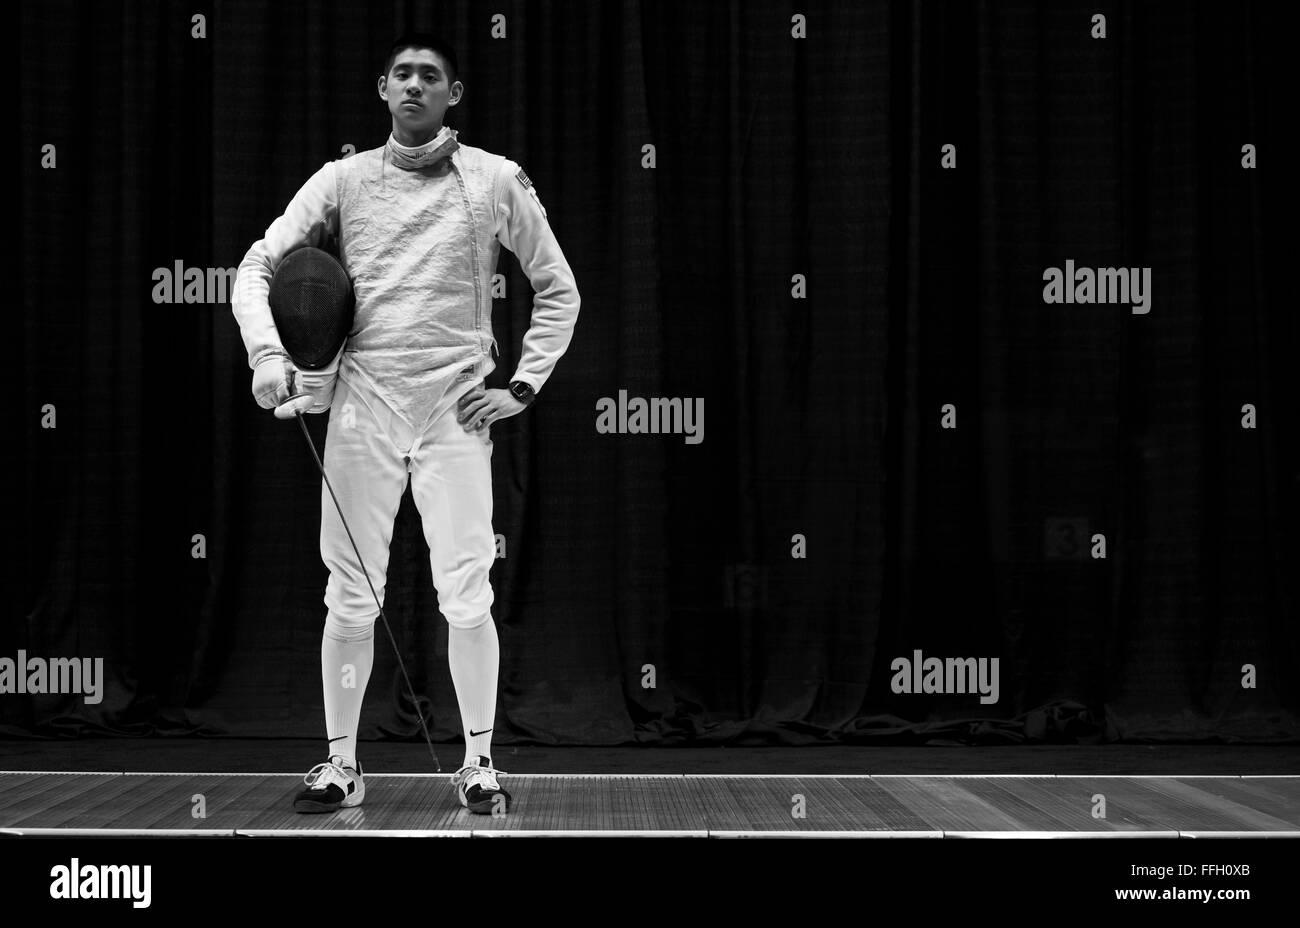 Alexander Chiang fini le NCAA 2014 Escrime classé 17ième sur 24 avec huit victoires. Photo Stock